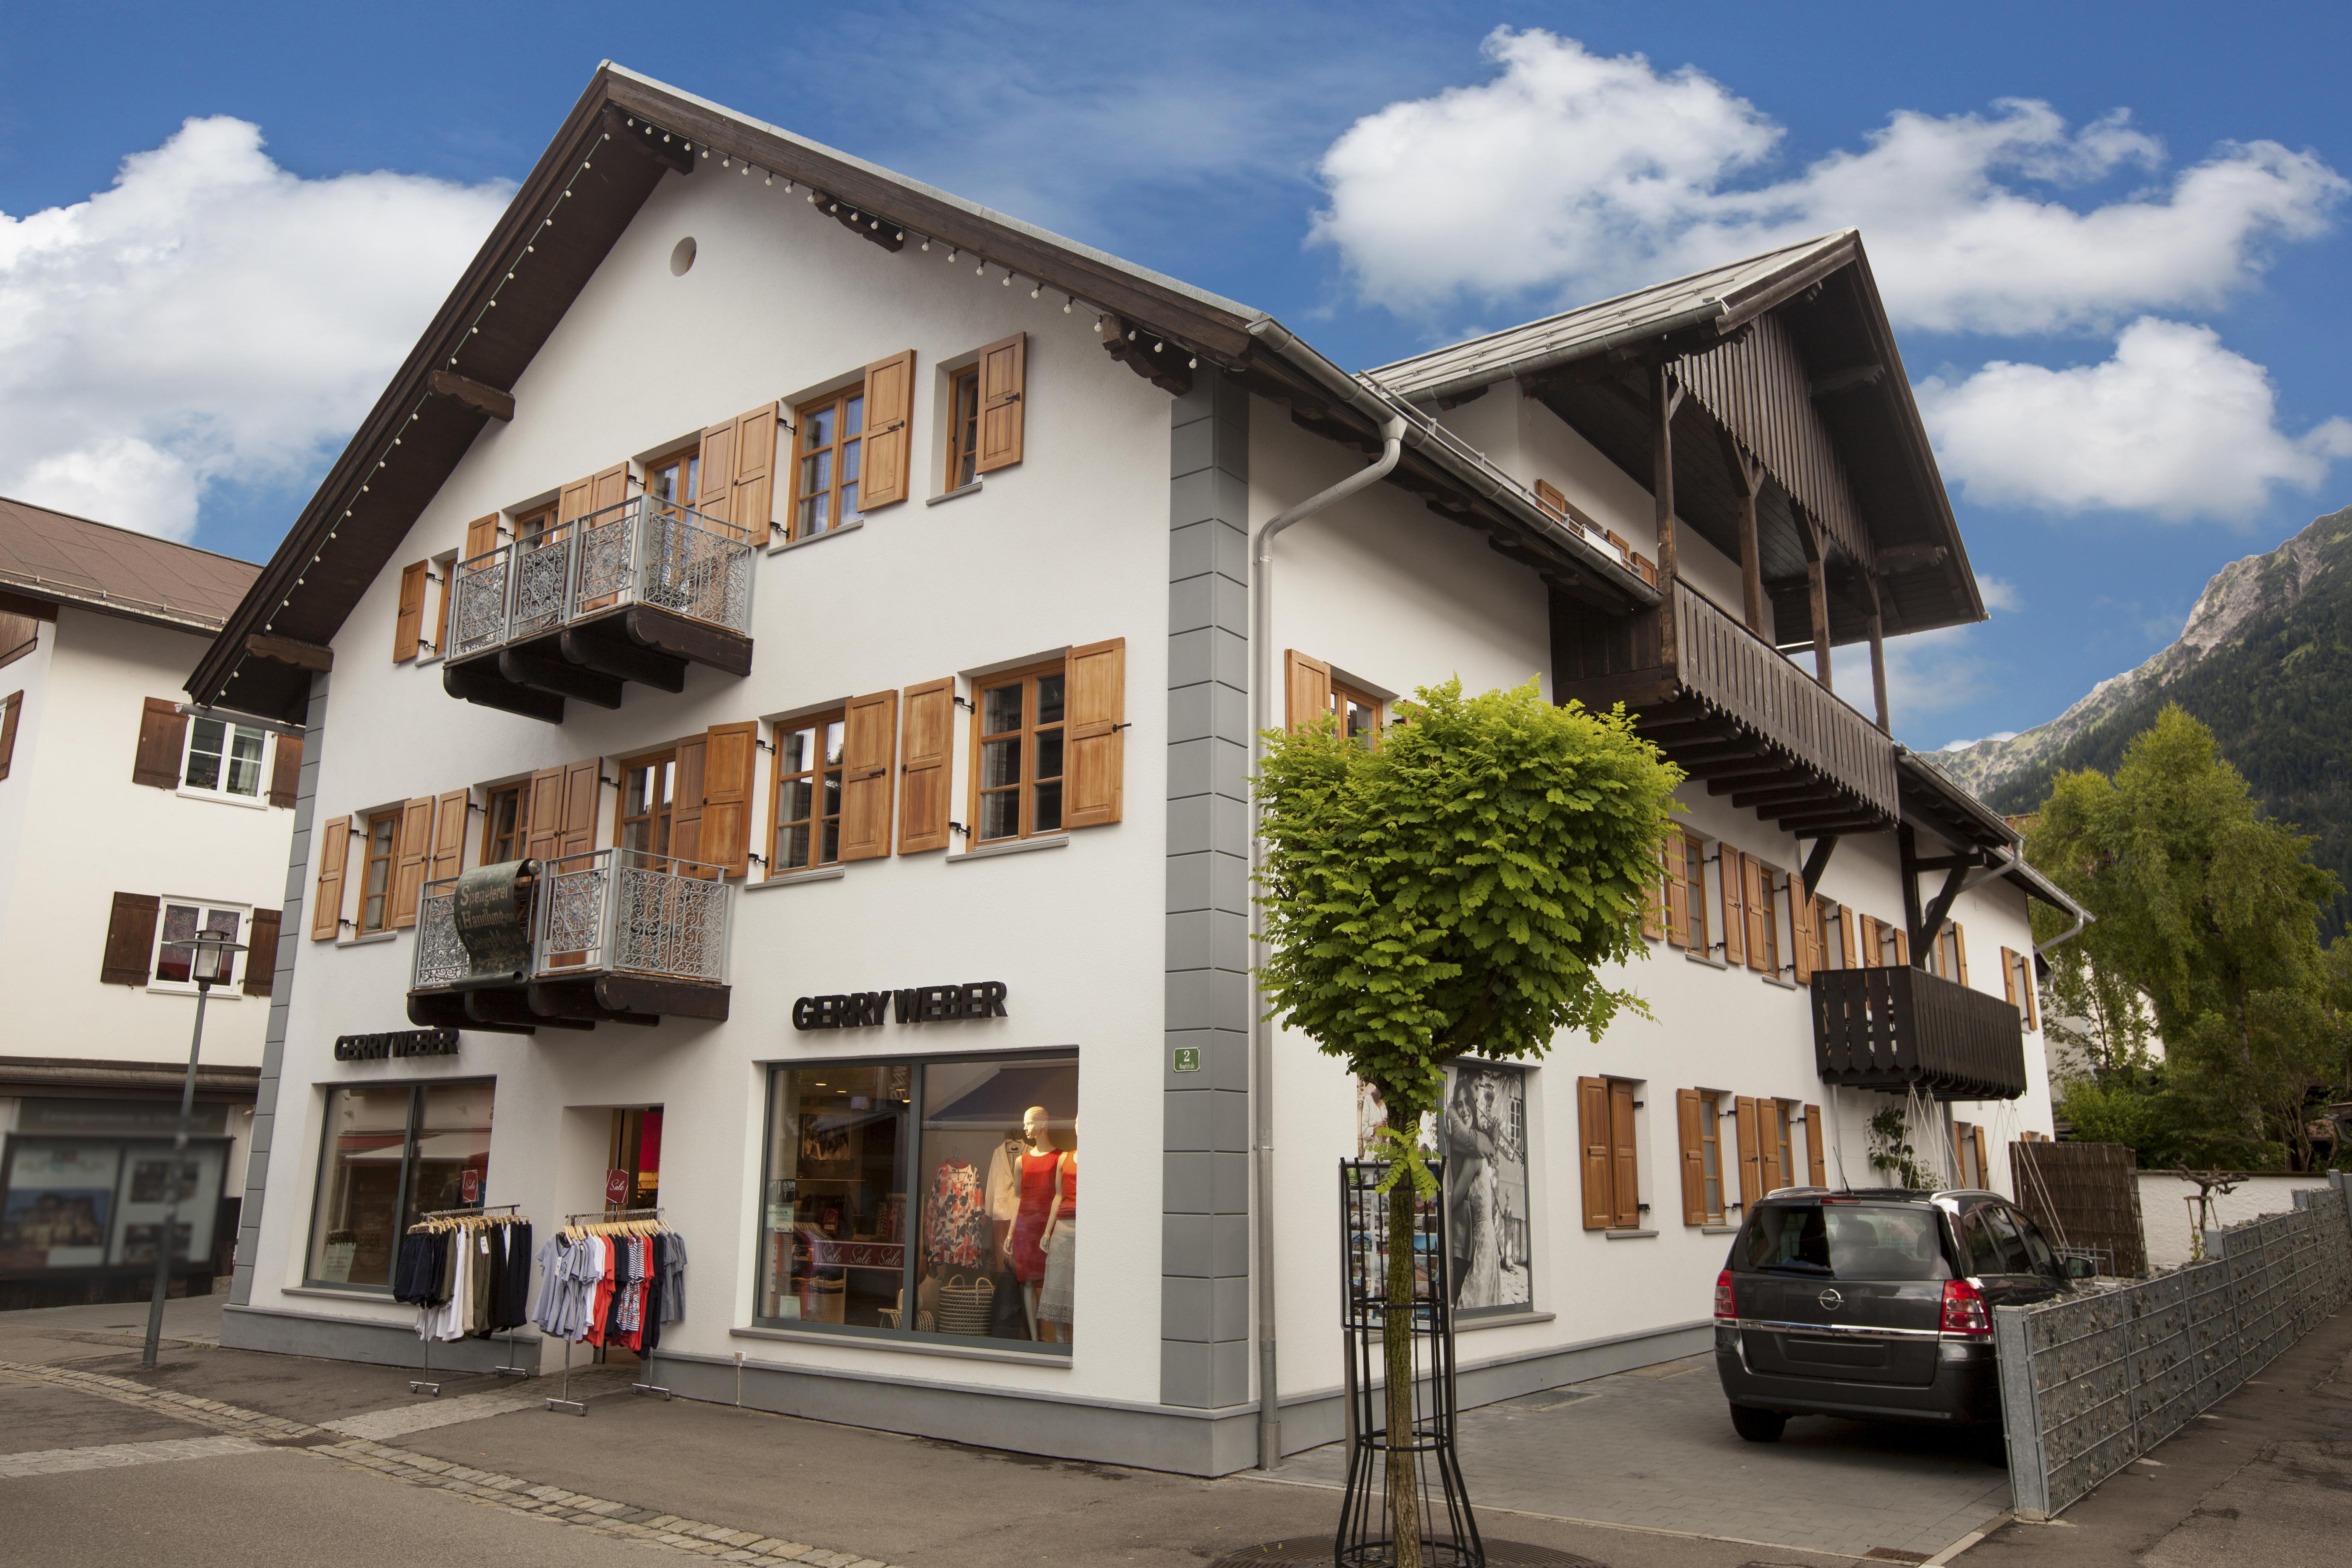 Ferienwohnung Georg Mayer Haus / Wohnung 6 (2397455), Oberstdorf, Allgäu (Bayern), Bayern, Deutschland, Bild 1